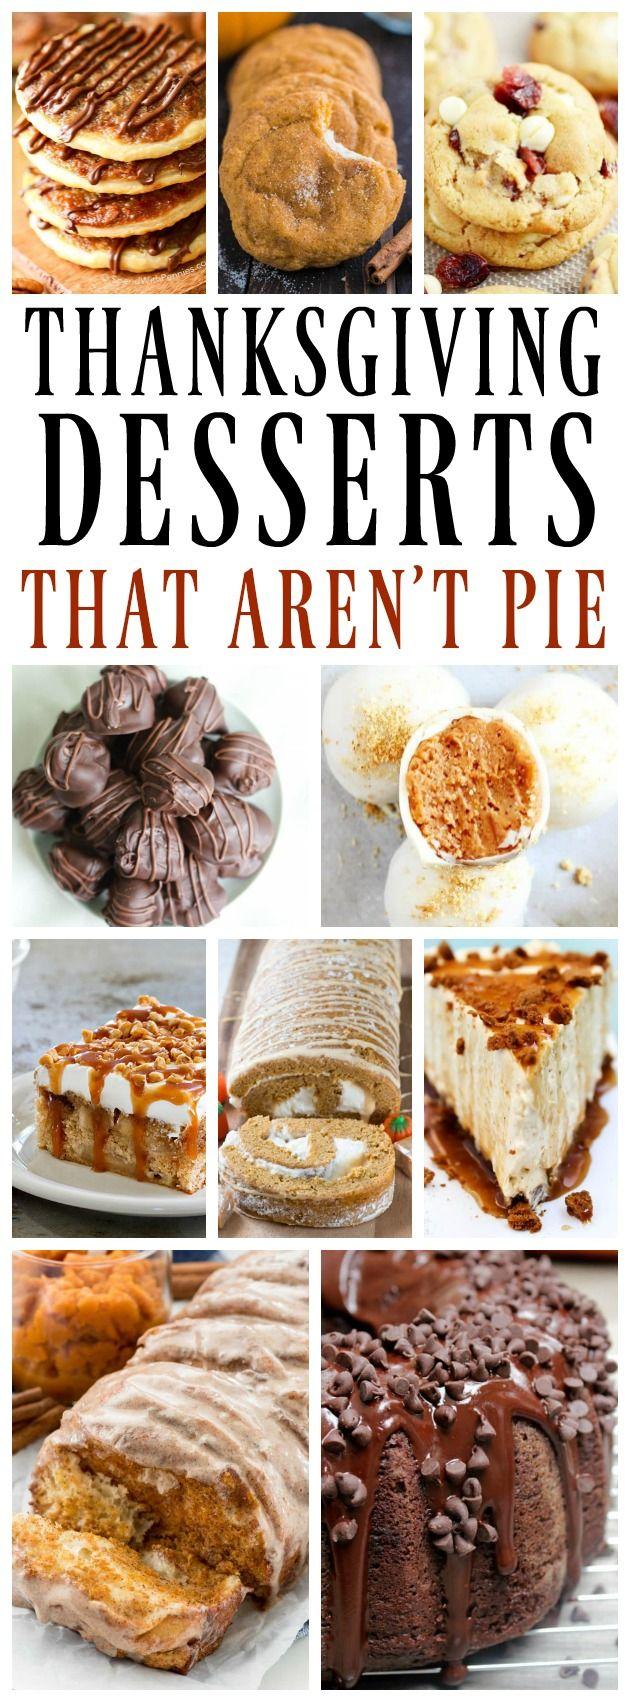 25 Thanksgiving Desserts That Are Not Pie #thanksgivingdesserts